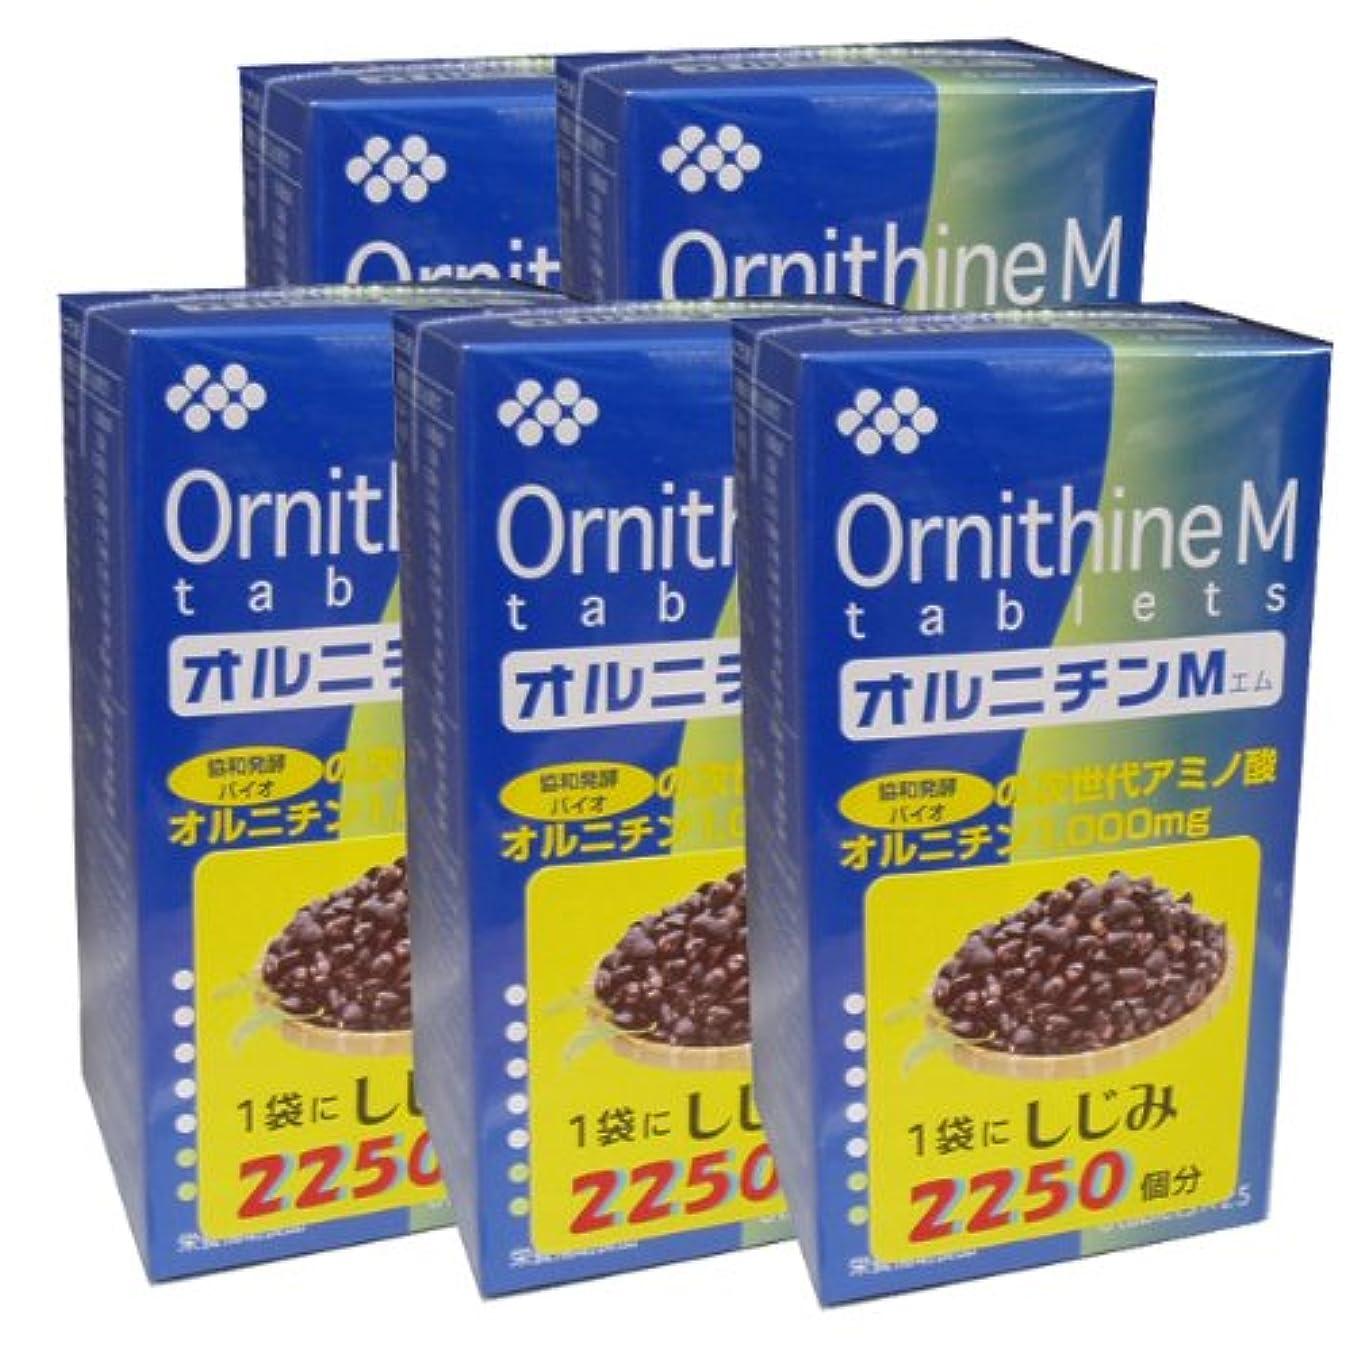 ノベルティ更新前方へ協和発酵オルニチンM (6粒×25袋)×5個セット